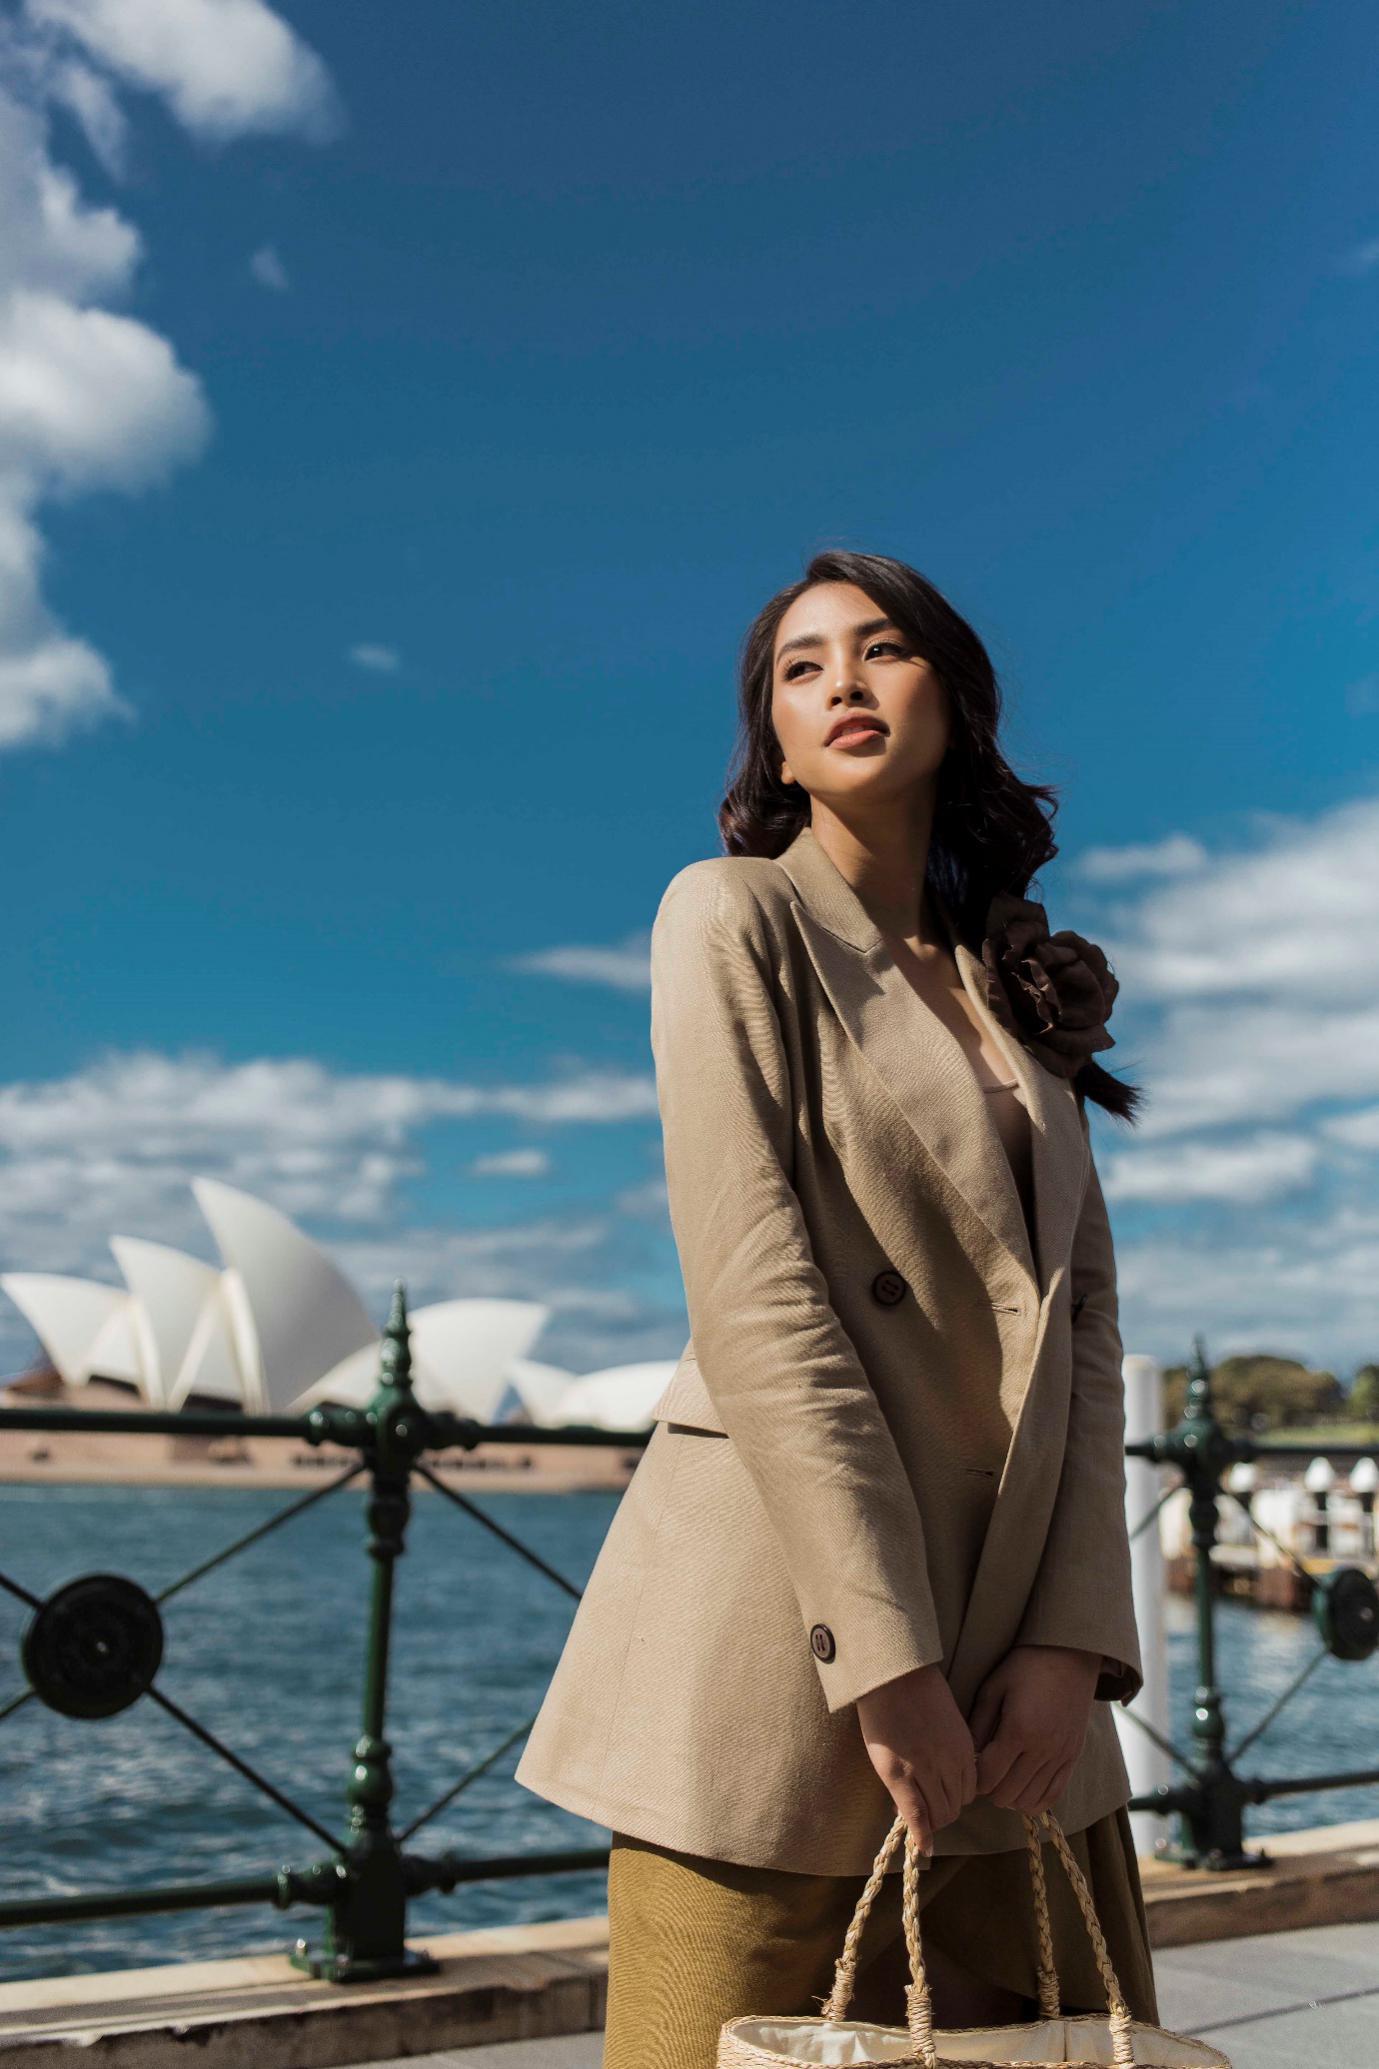 Hoa hậu Tiểu Vy: Khi trở về nhà, tôi thấy hạnh phúc vì vẫn là một cô gái của gia đình - Ảnh 5.